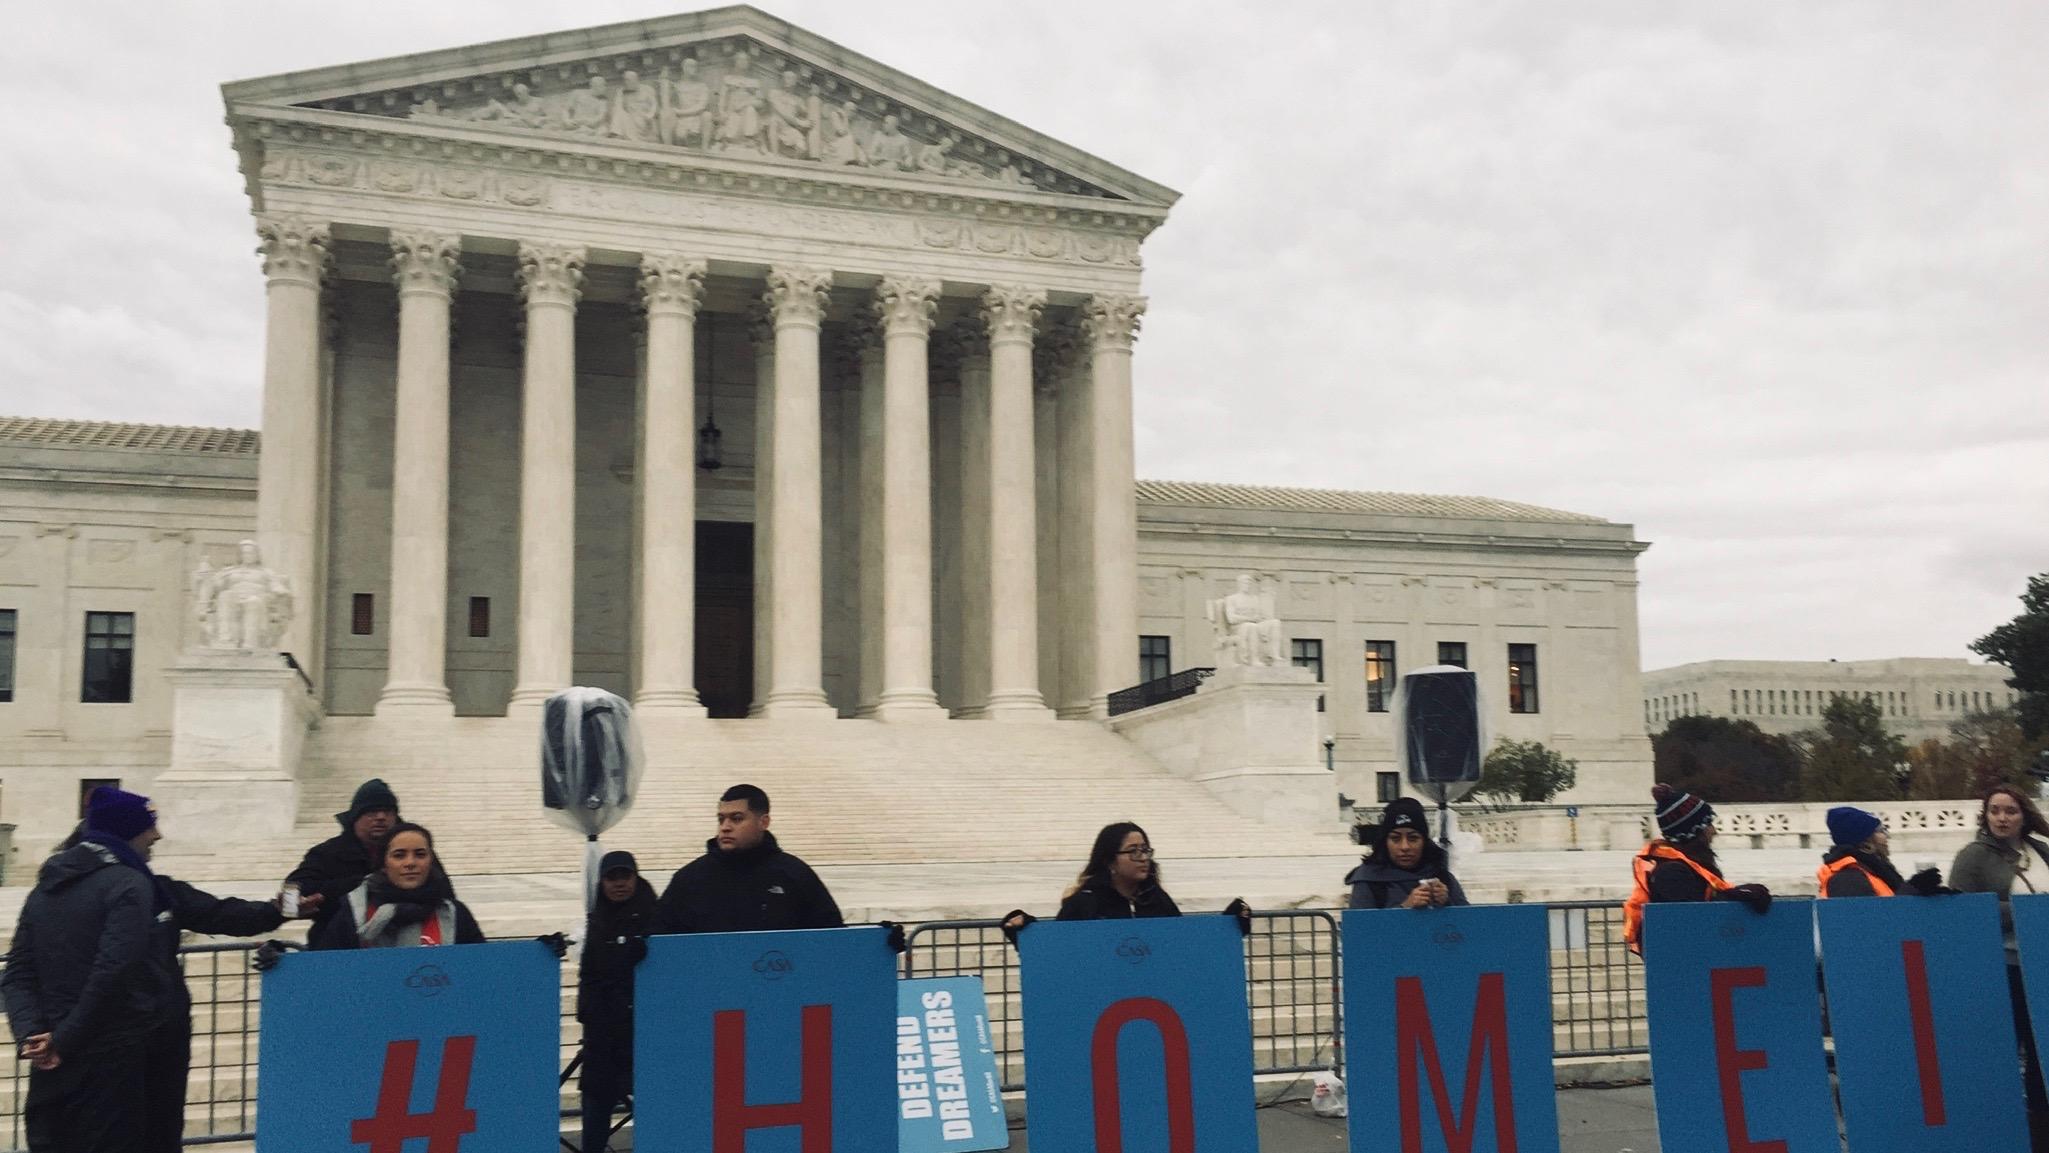 DACA recipients in front of SCOTUS/